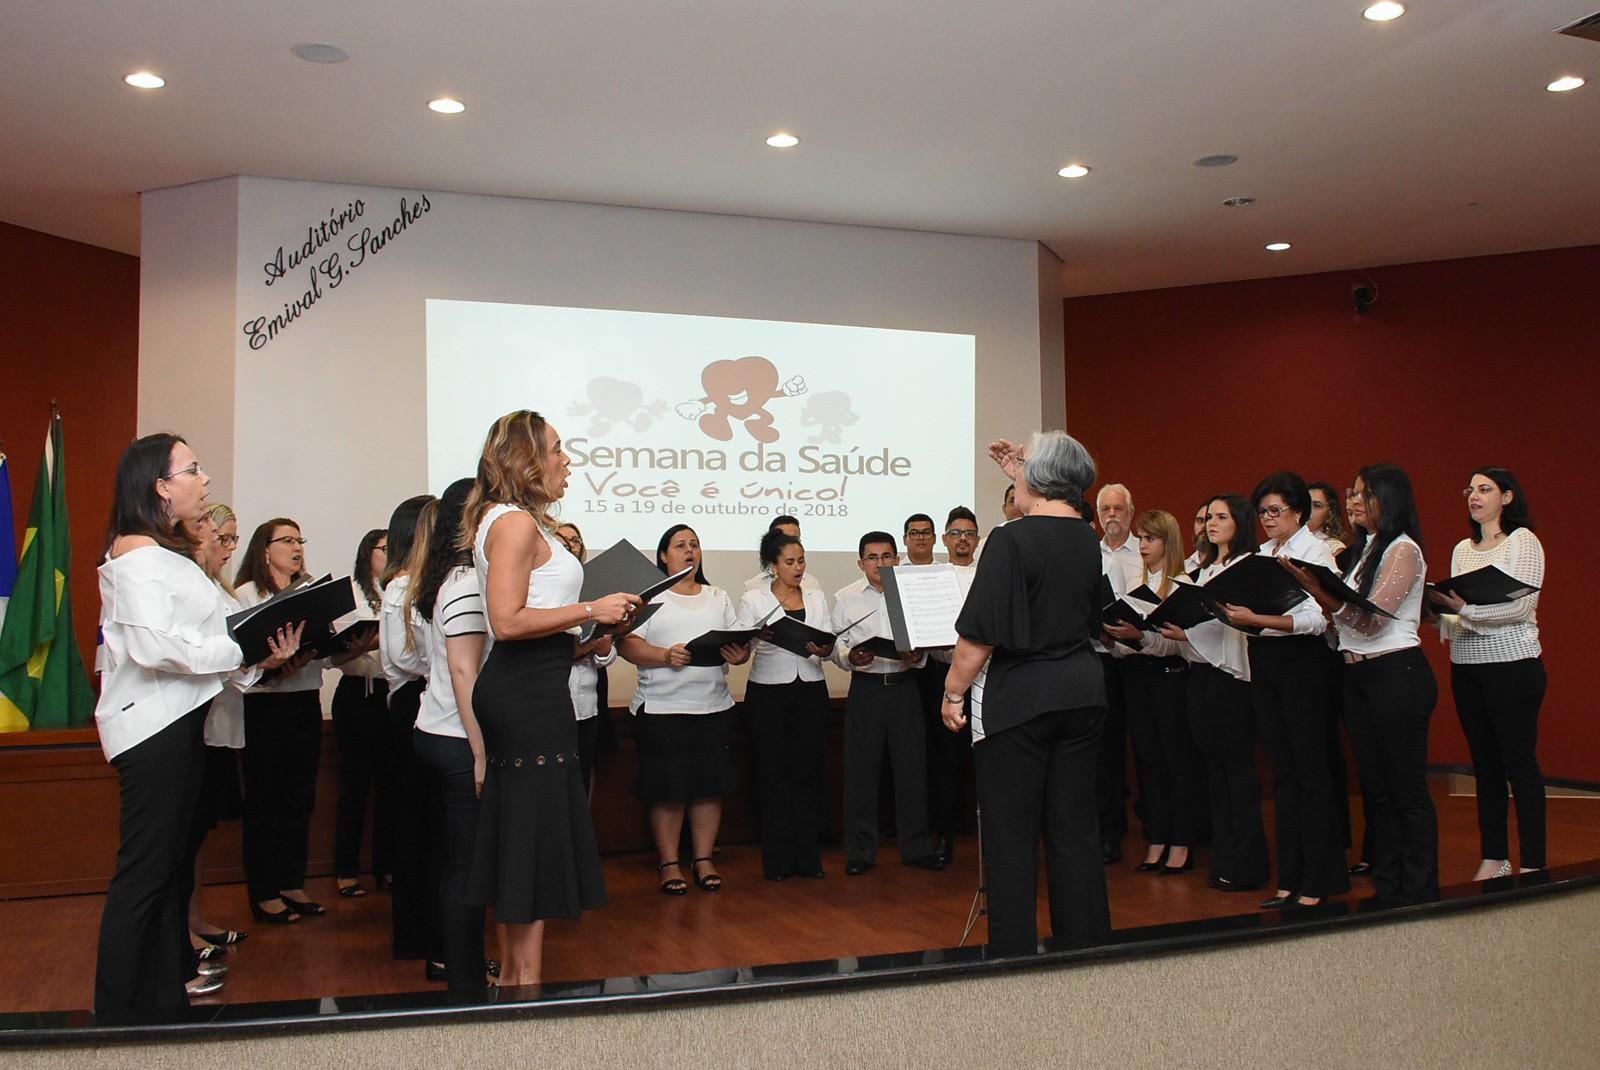 9ª Semana da Saúde é aberta com estreia do coral MP em Canto e palestra motivacional